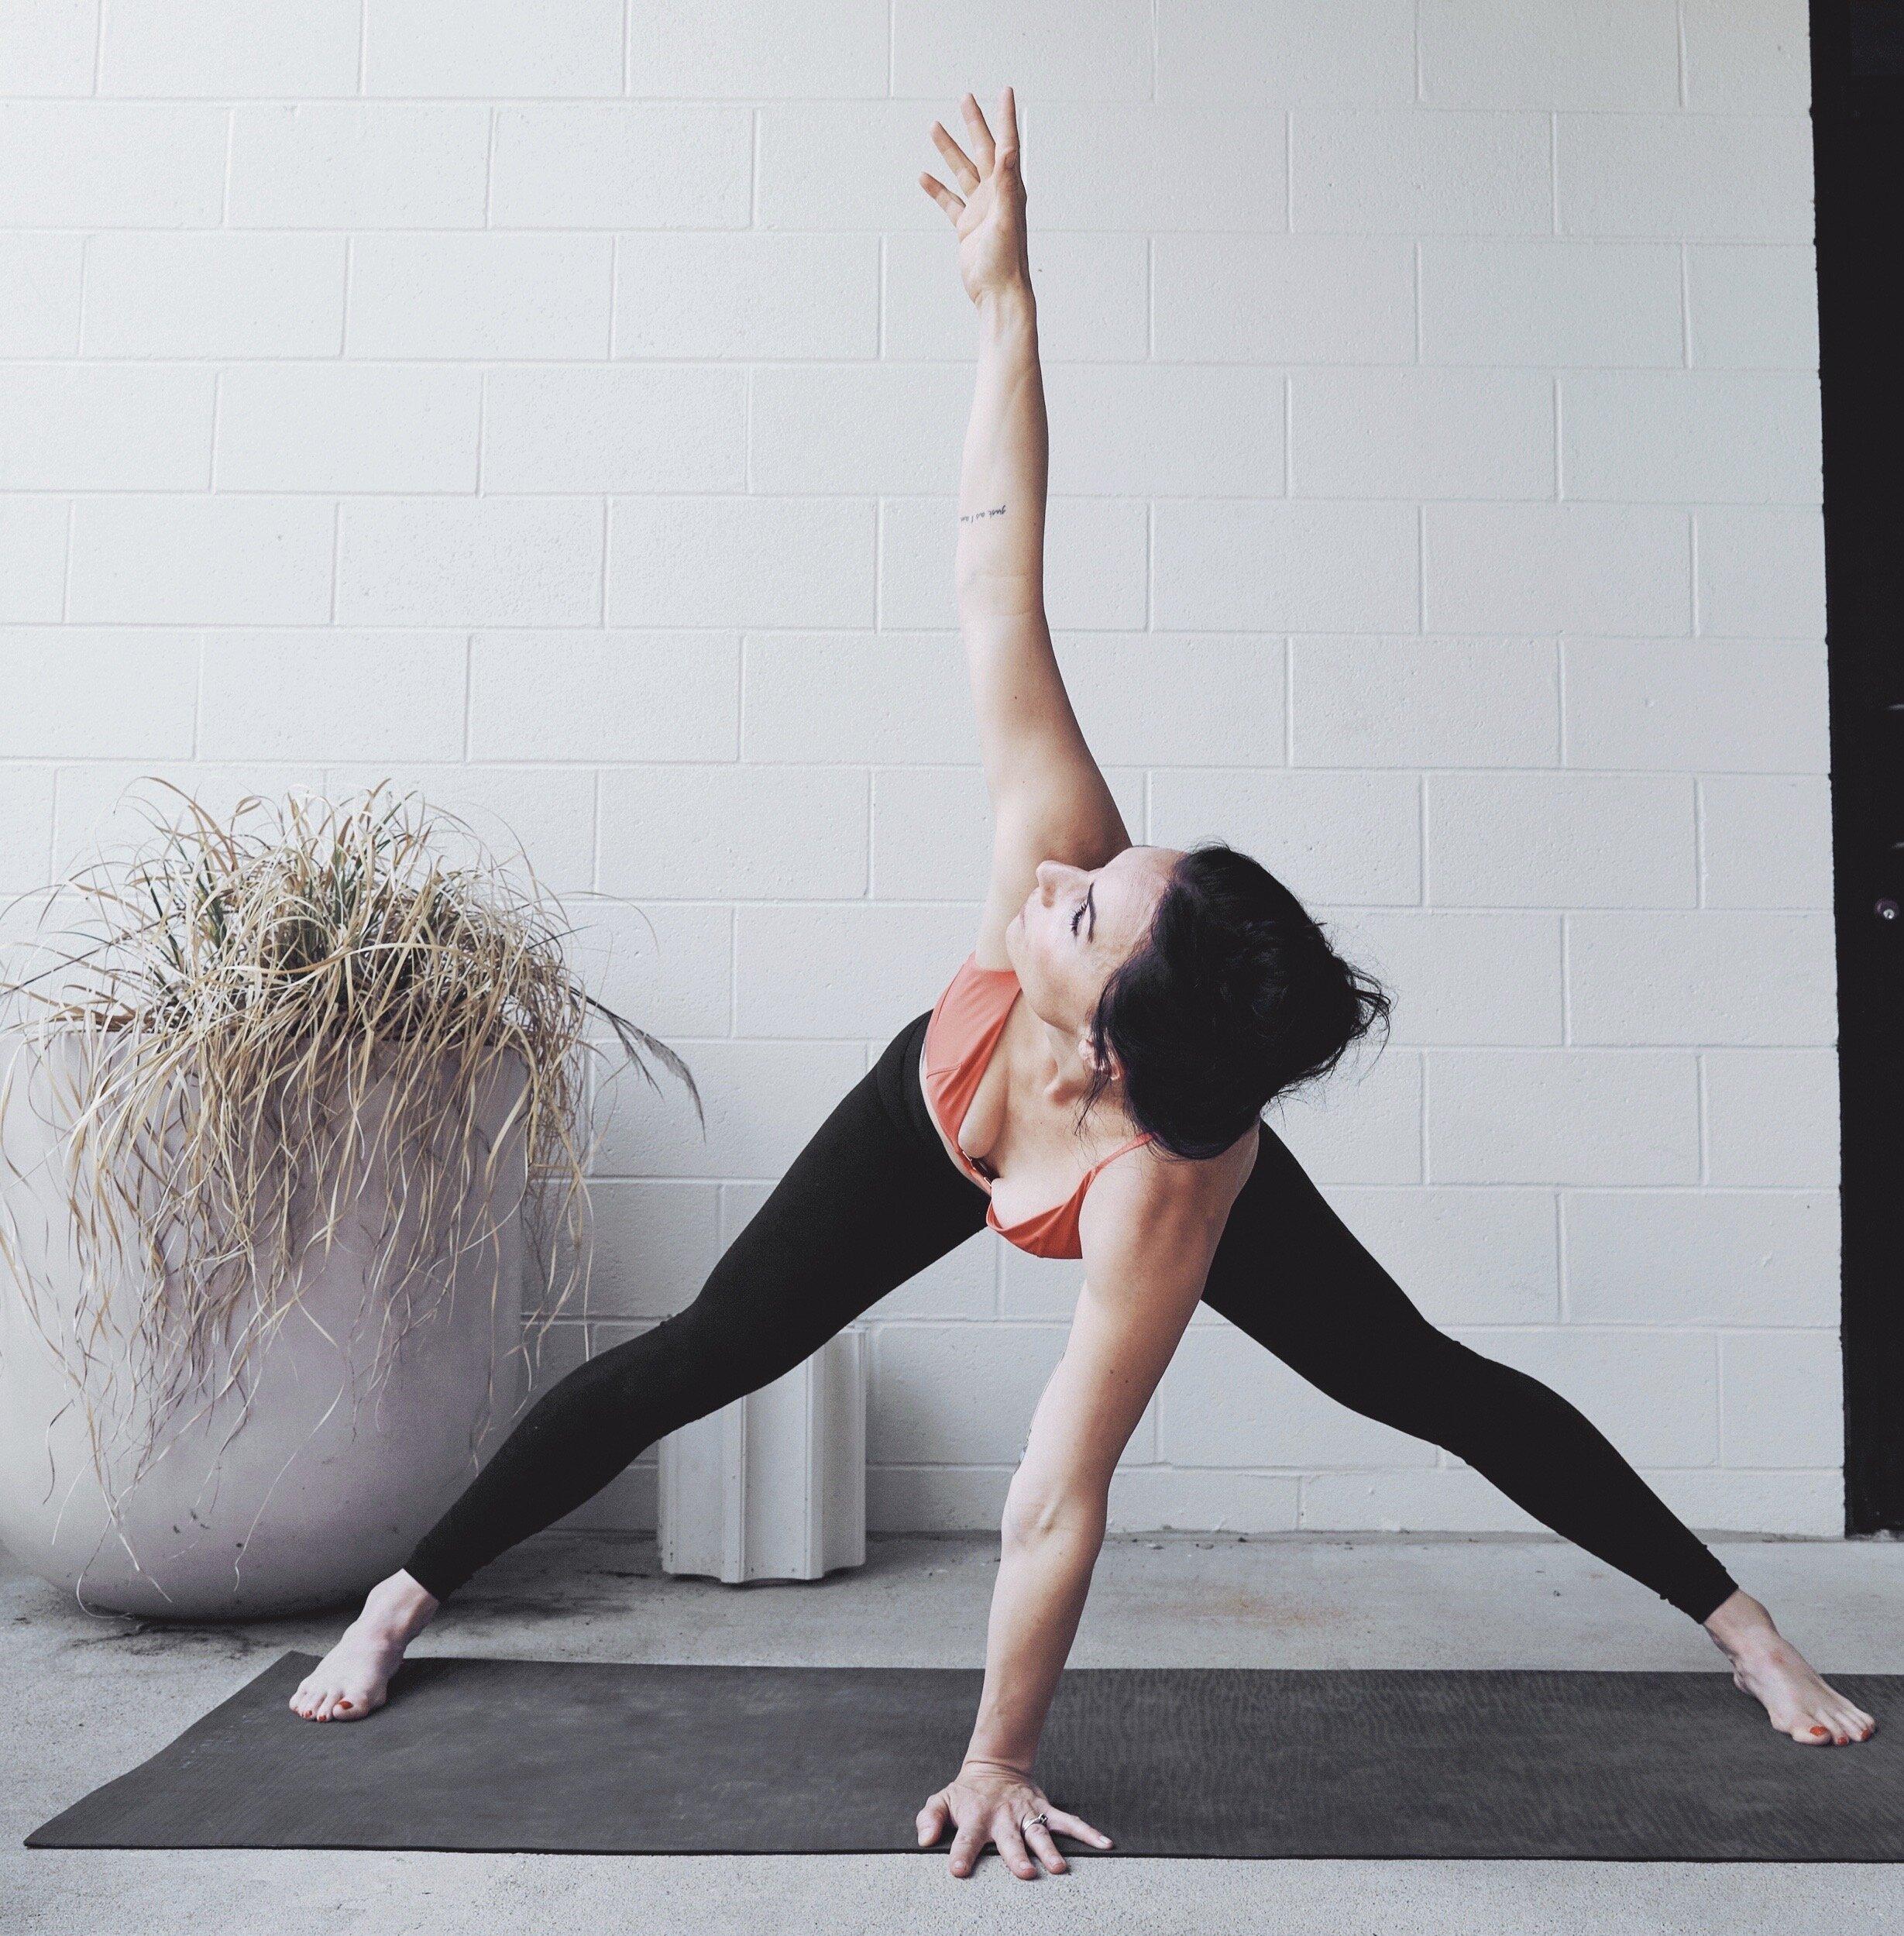 Yoga Teacher Training Program Hot Yoga Of East Nashville Hot Yoga Of East Nashville